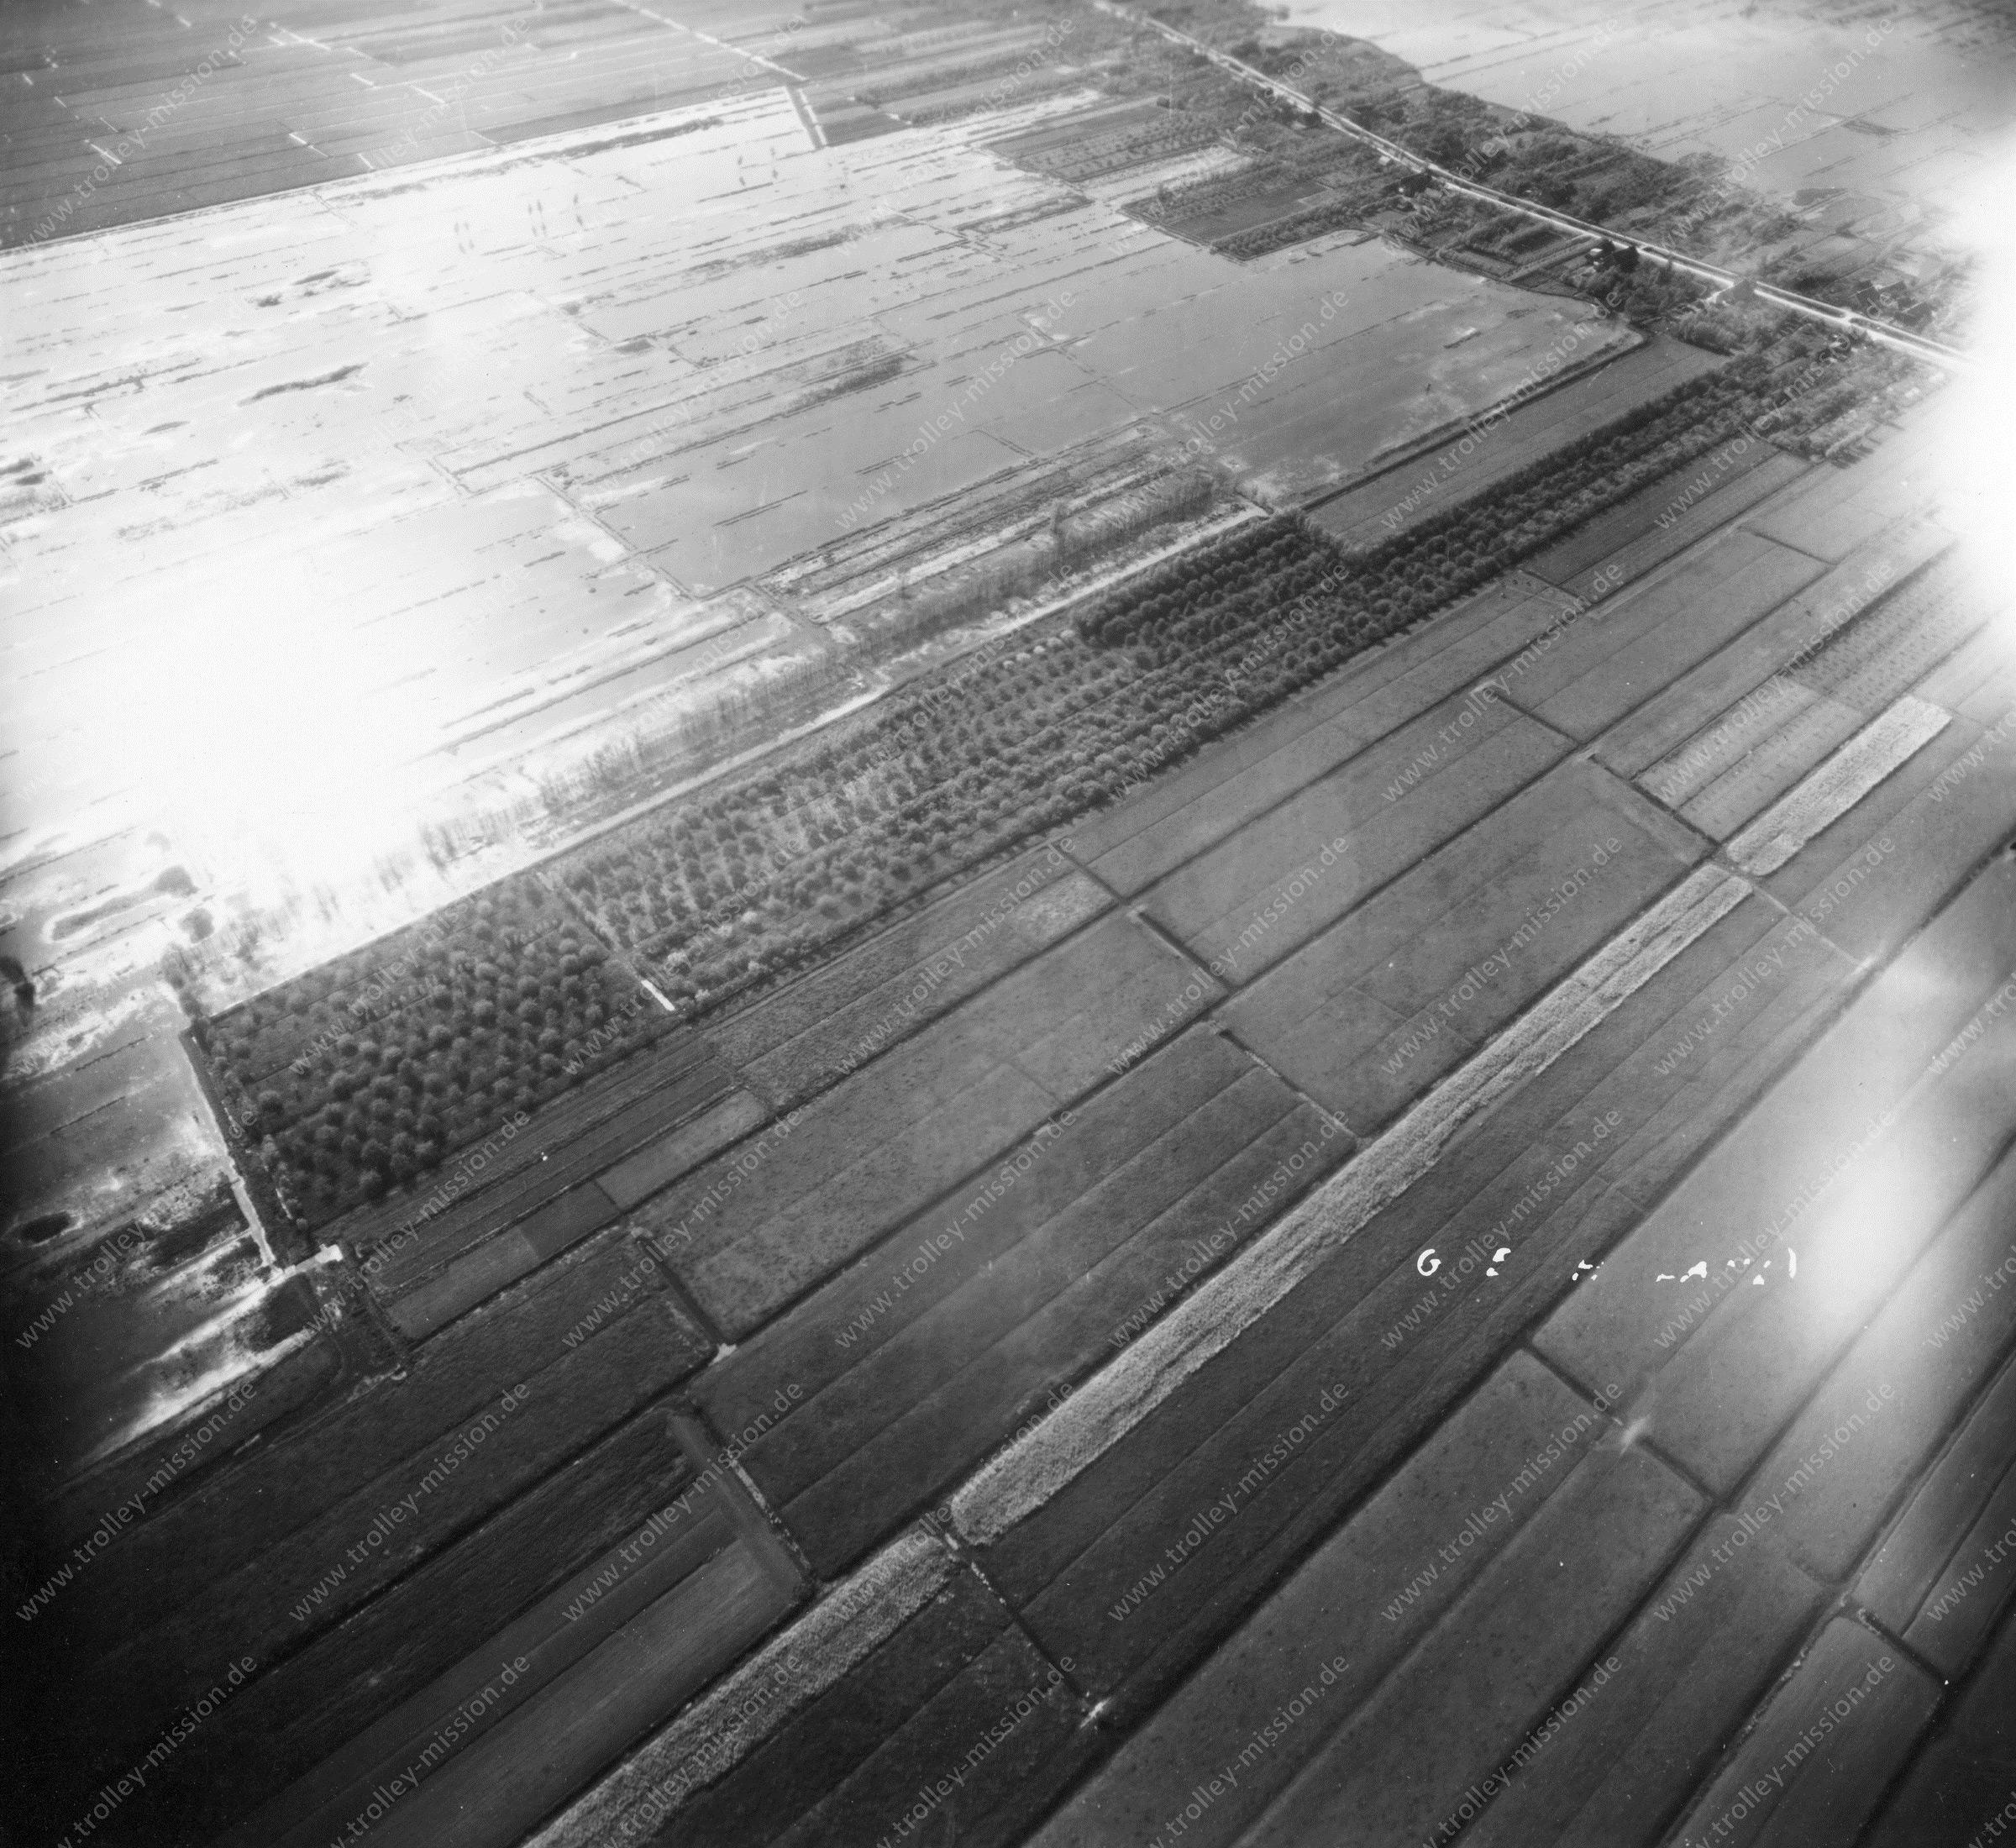 Luftaufnahme von Benschop kurz vor Den Haag im Mai 1945 (Niederlande)